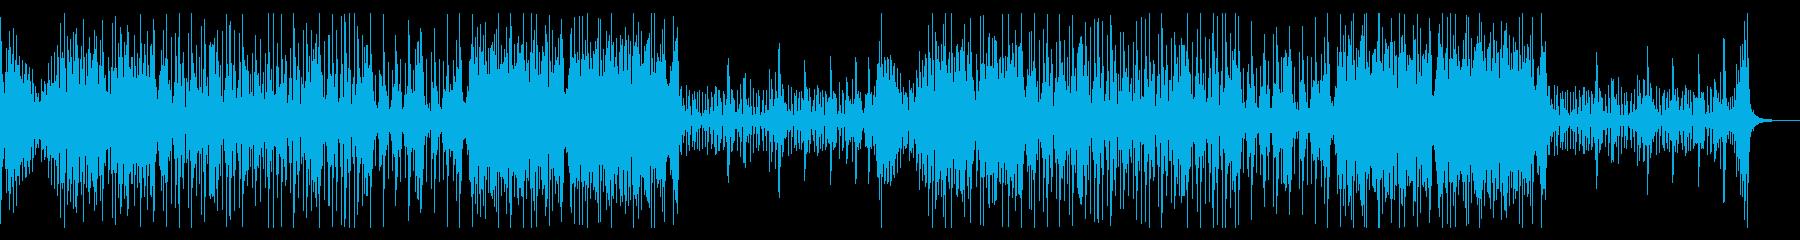 テンポの速い和太鼓アンサンブルの再生済みの波形